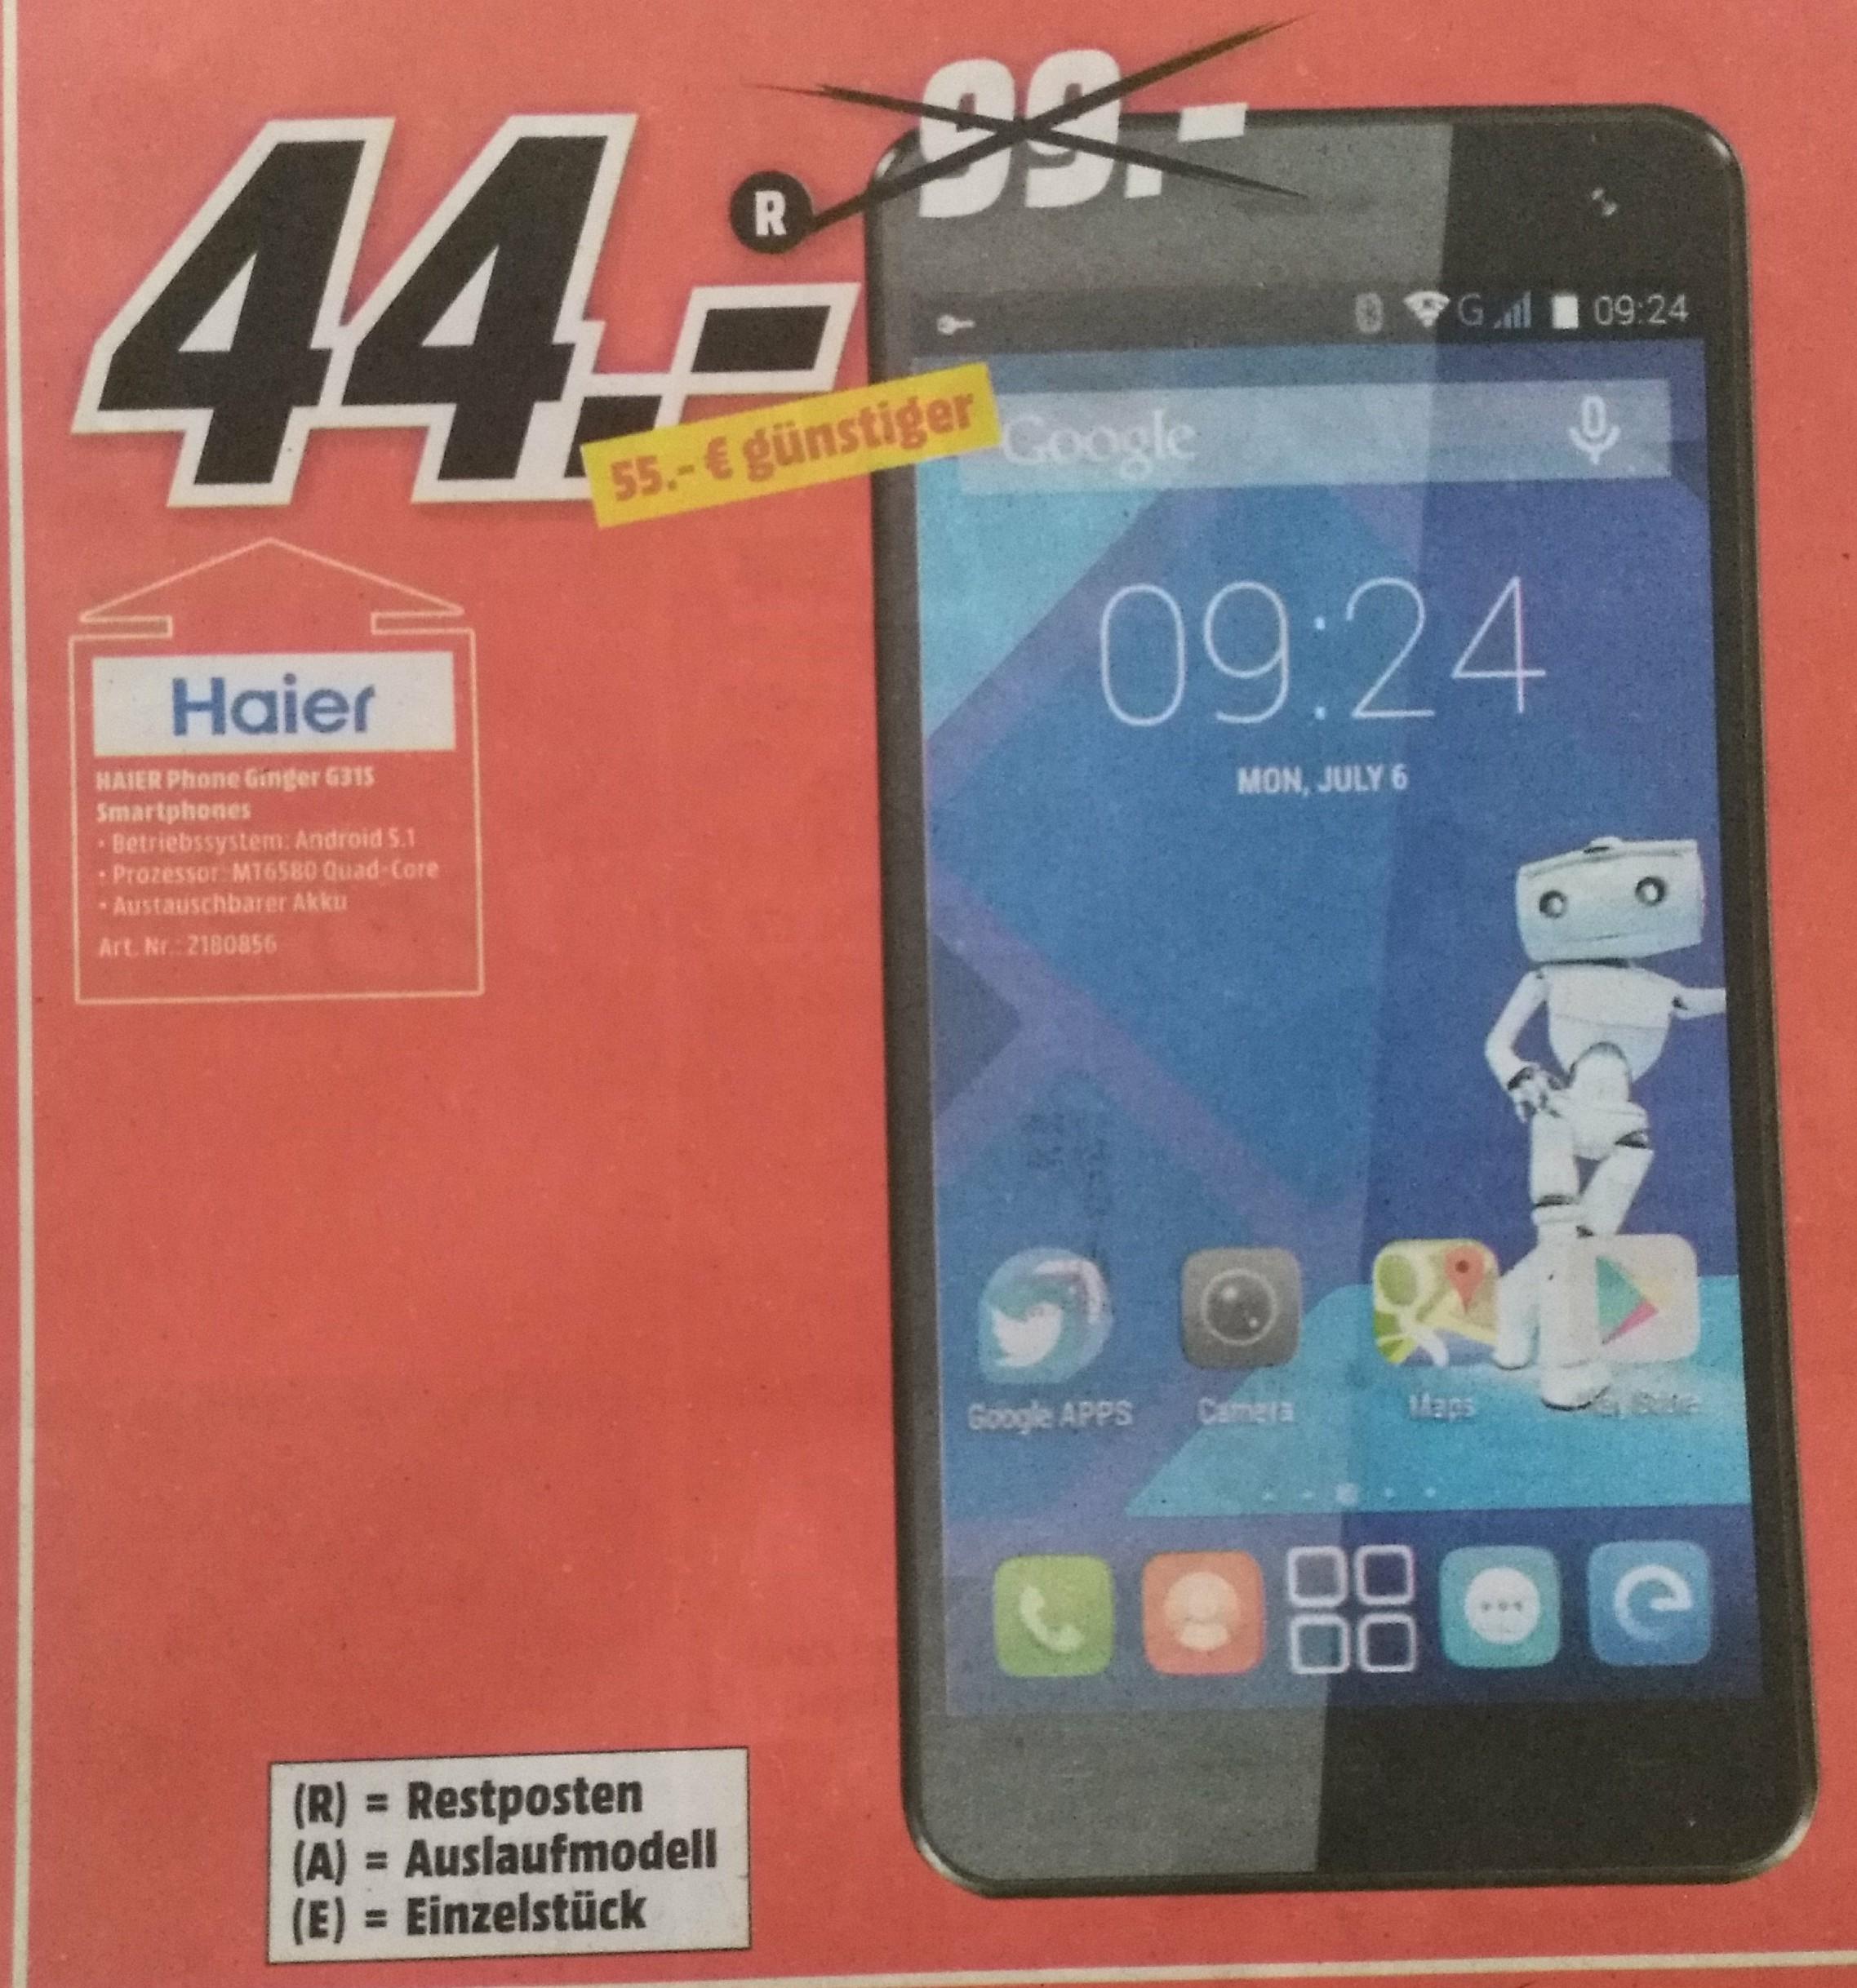 [Offline] [MediaMarkt Frankfurt NWZ] HAIER Phone Ginger G31S Smartphone Android 5.1 MT6580 Quad-Core